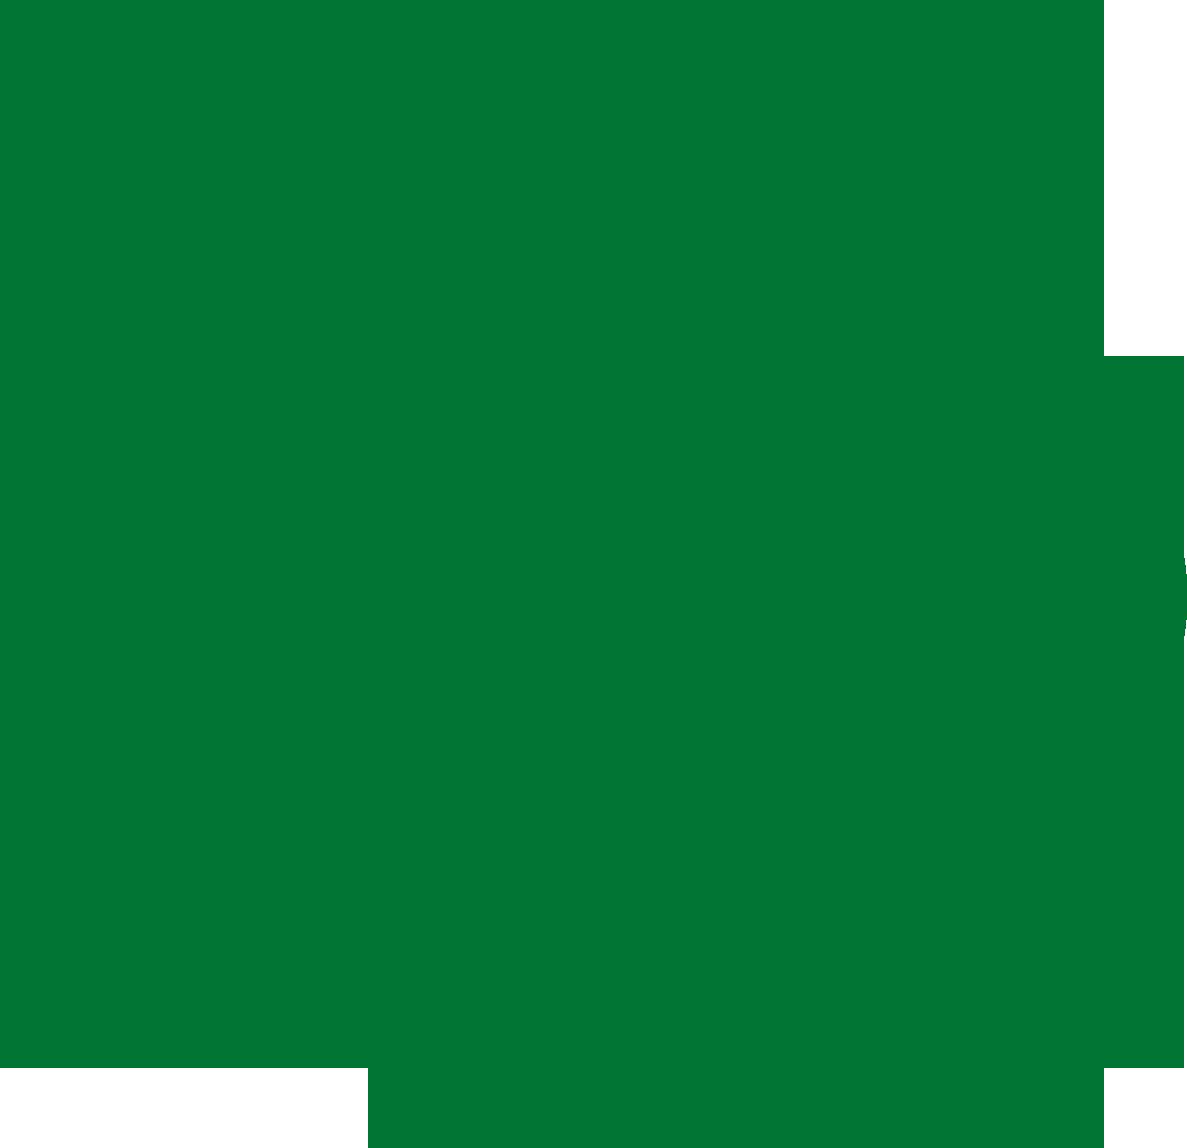 logo_quadrado_verde